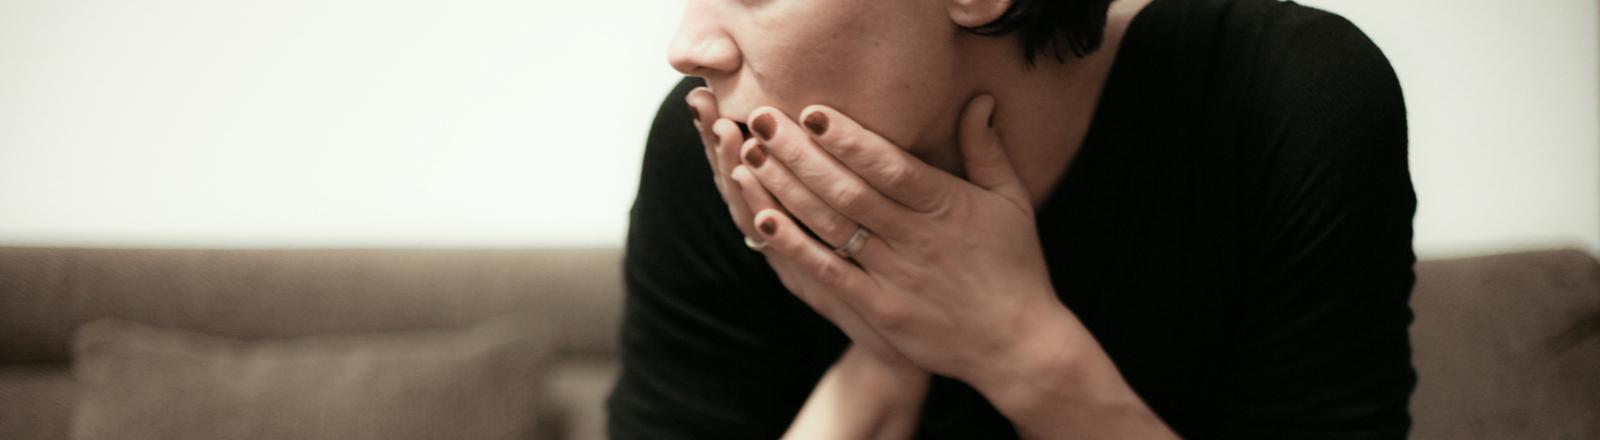 Eine Frau sitzt auf dem Sofa und schlägt erschrocken ihre Hände vor den Mund.